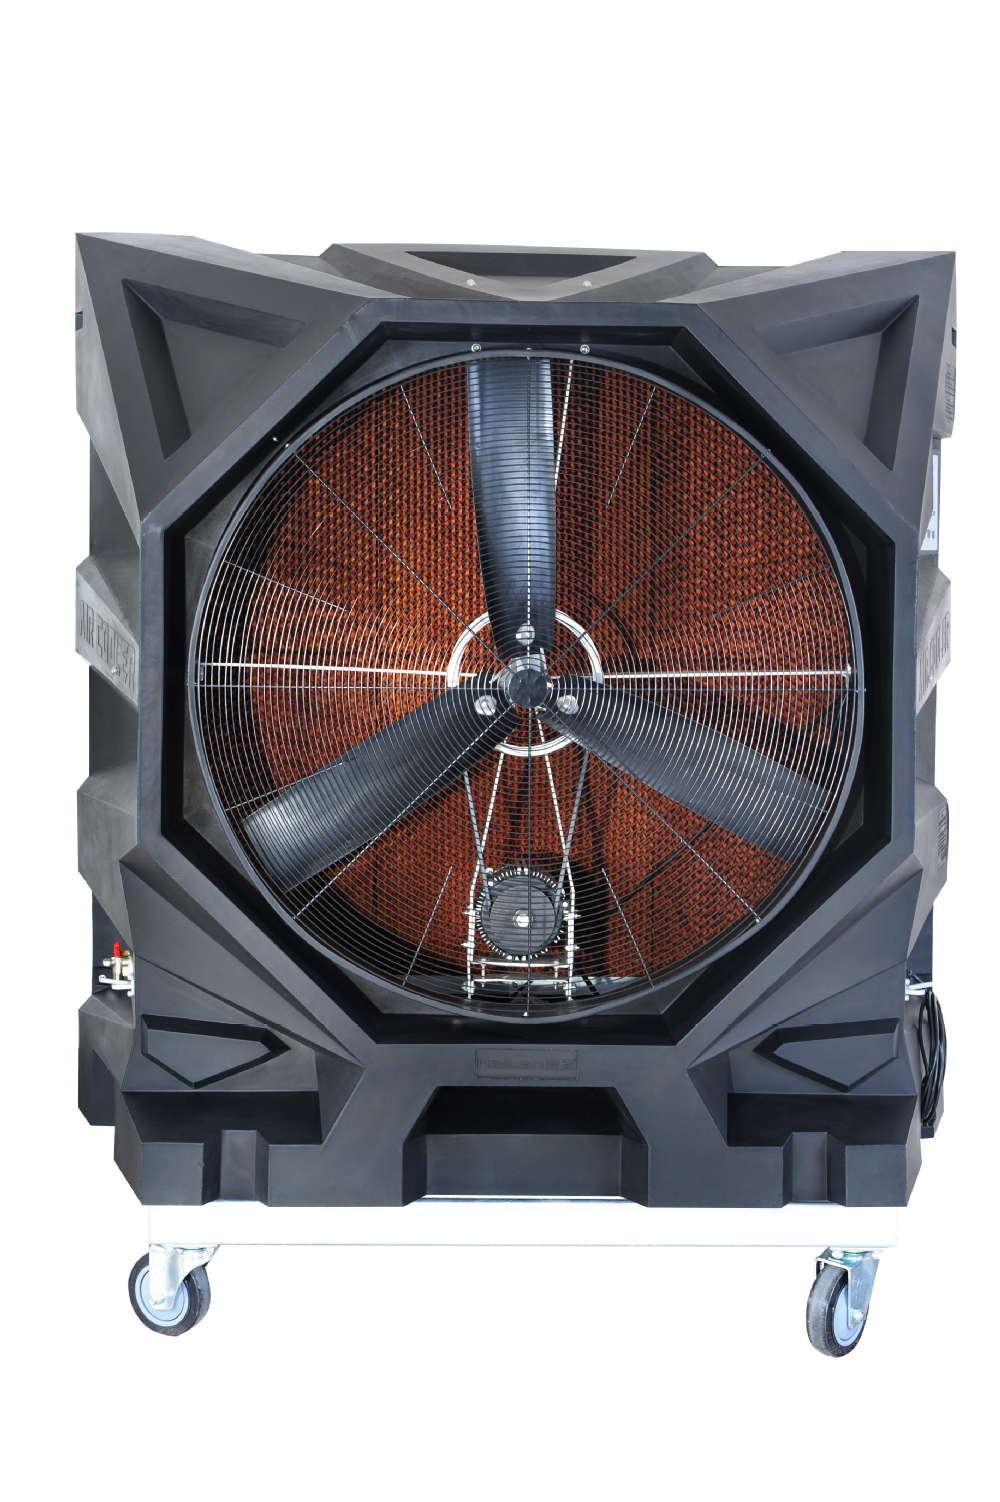 Plastic Mini Swamp Cooler Portable Evaporative Air Cooler